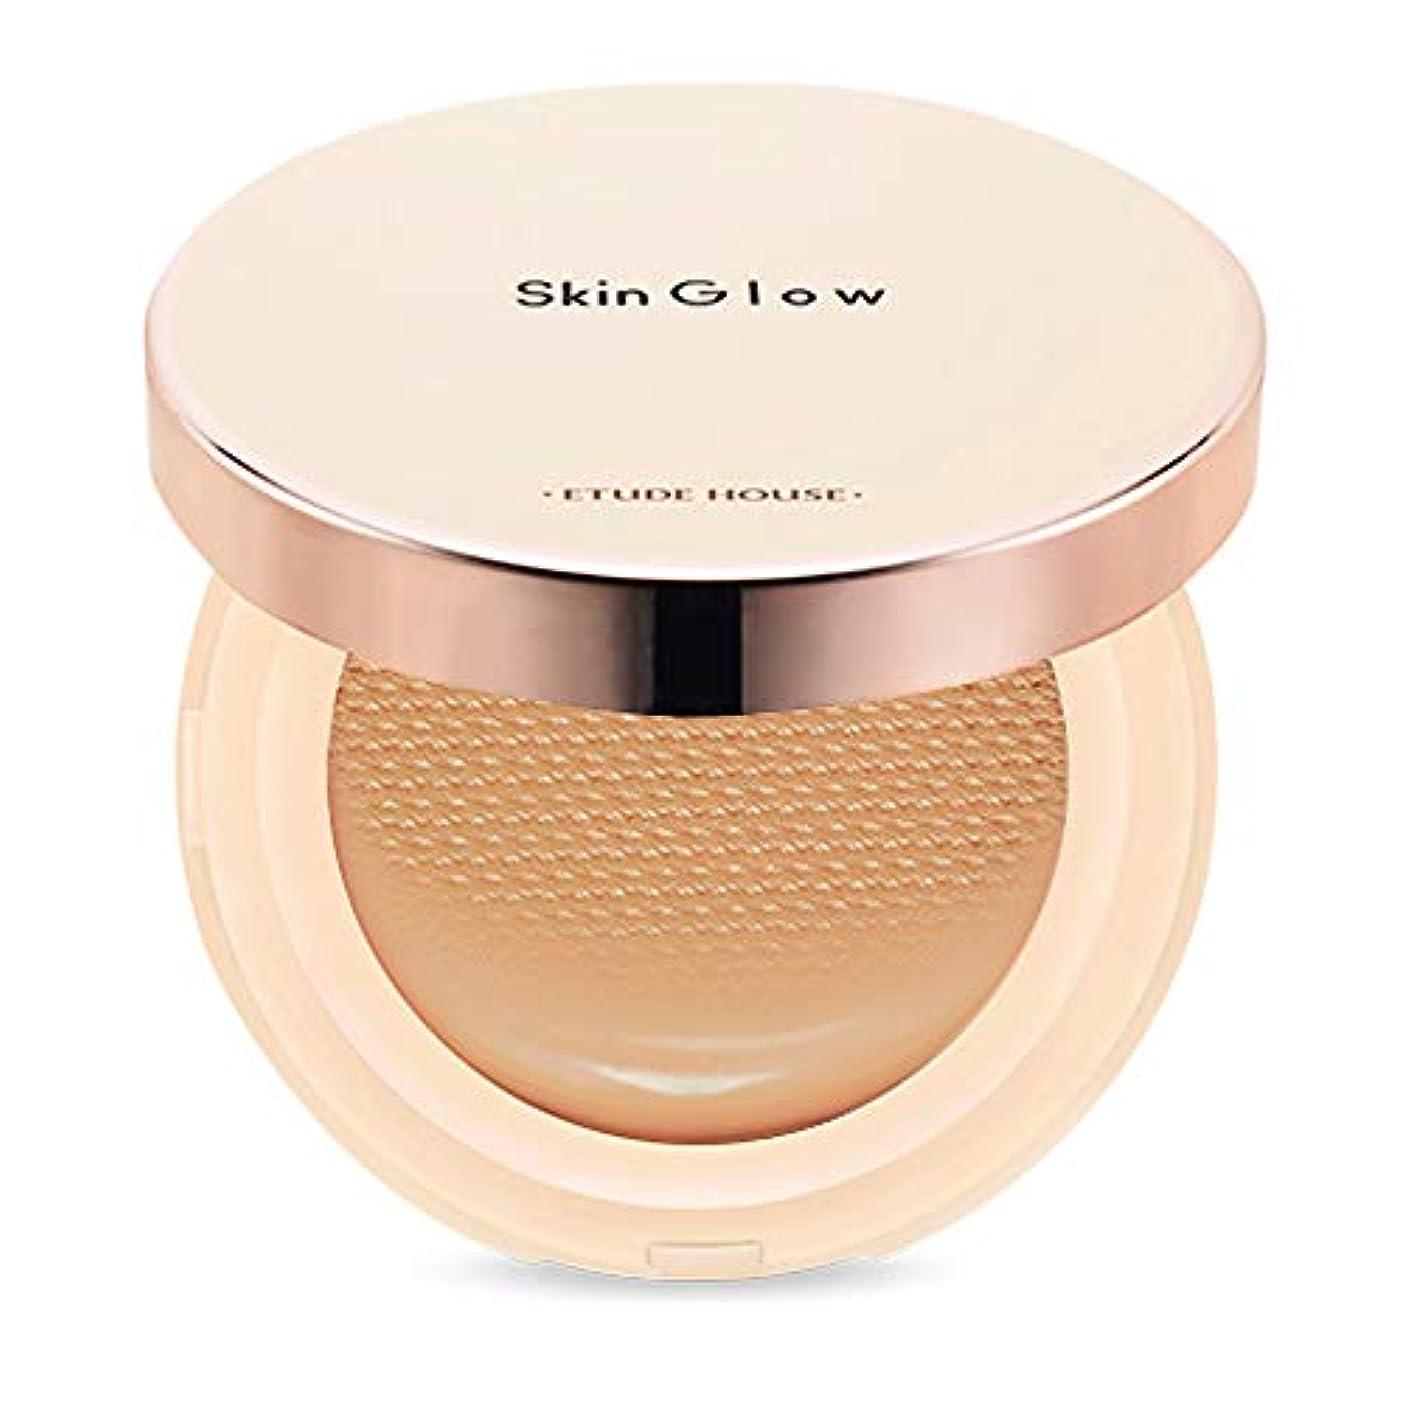 ワイヤー保全なかなかEtude House Skin Glow Essence Cushion SPF50+/PA++++ エチュードハウス スキン グロー エッセンス クッション (# N06 Tan) [並行輸入品]